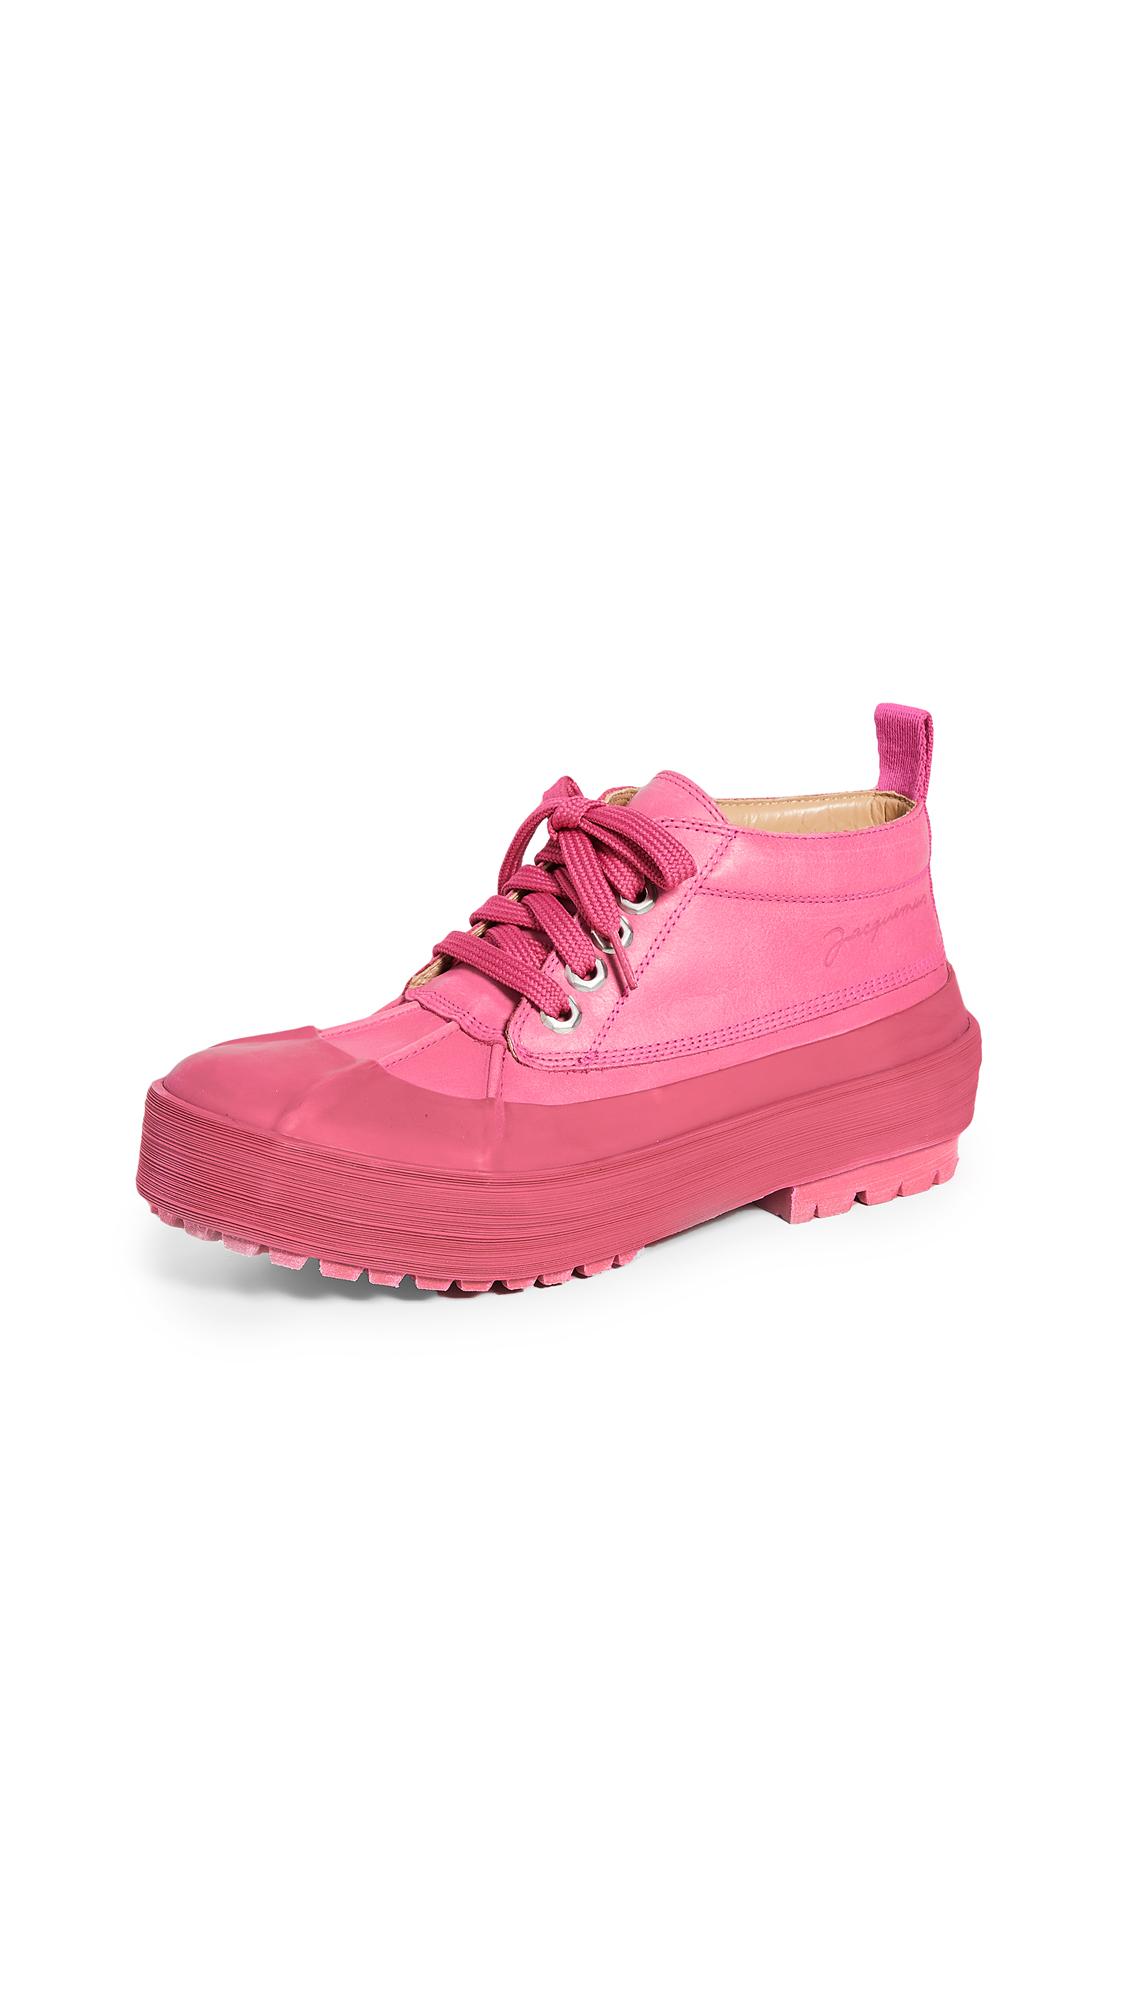 Buy Jacquemus Les Meuniers Boots online, shop Jacquemus